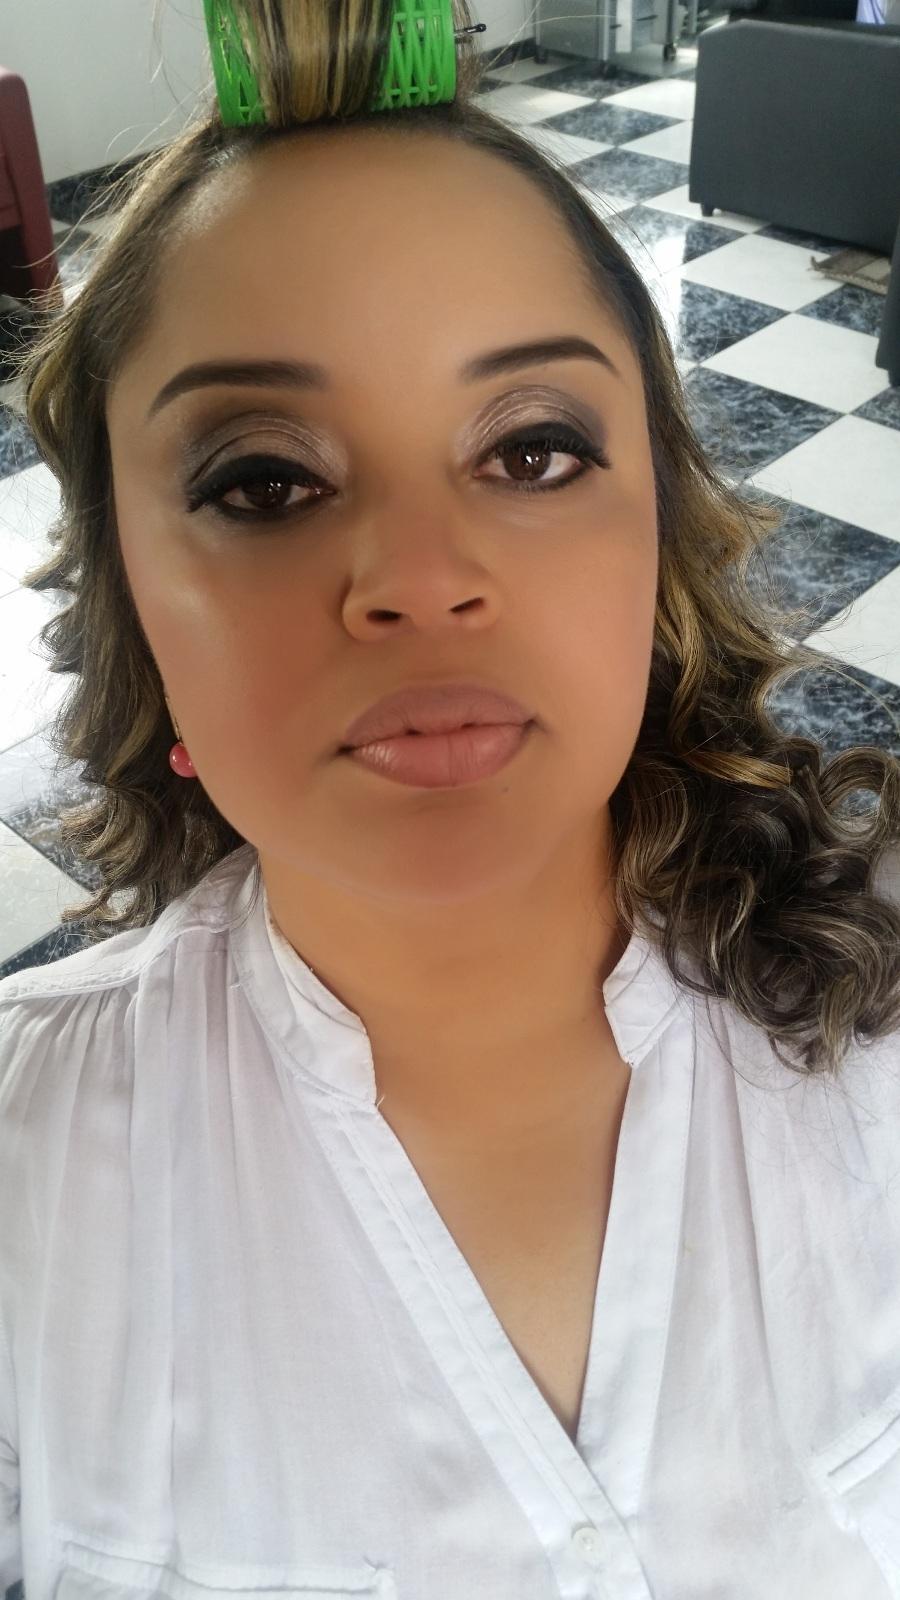 Maquiagem para aniversário. Veja mais no meu Blog Vaidosas de Batom:  www.vaidosasdebatom.com maquiagem maquiador(a) docente / professor(a)